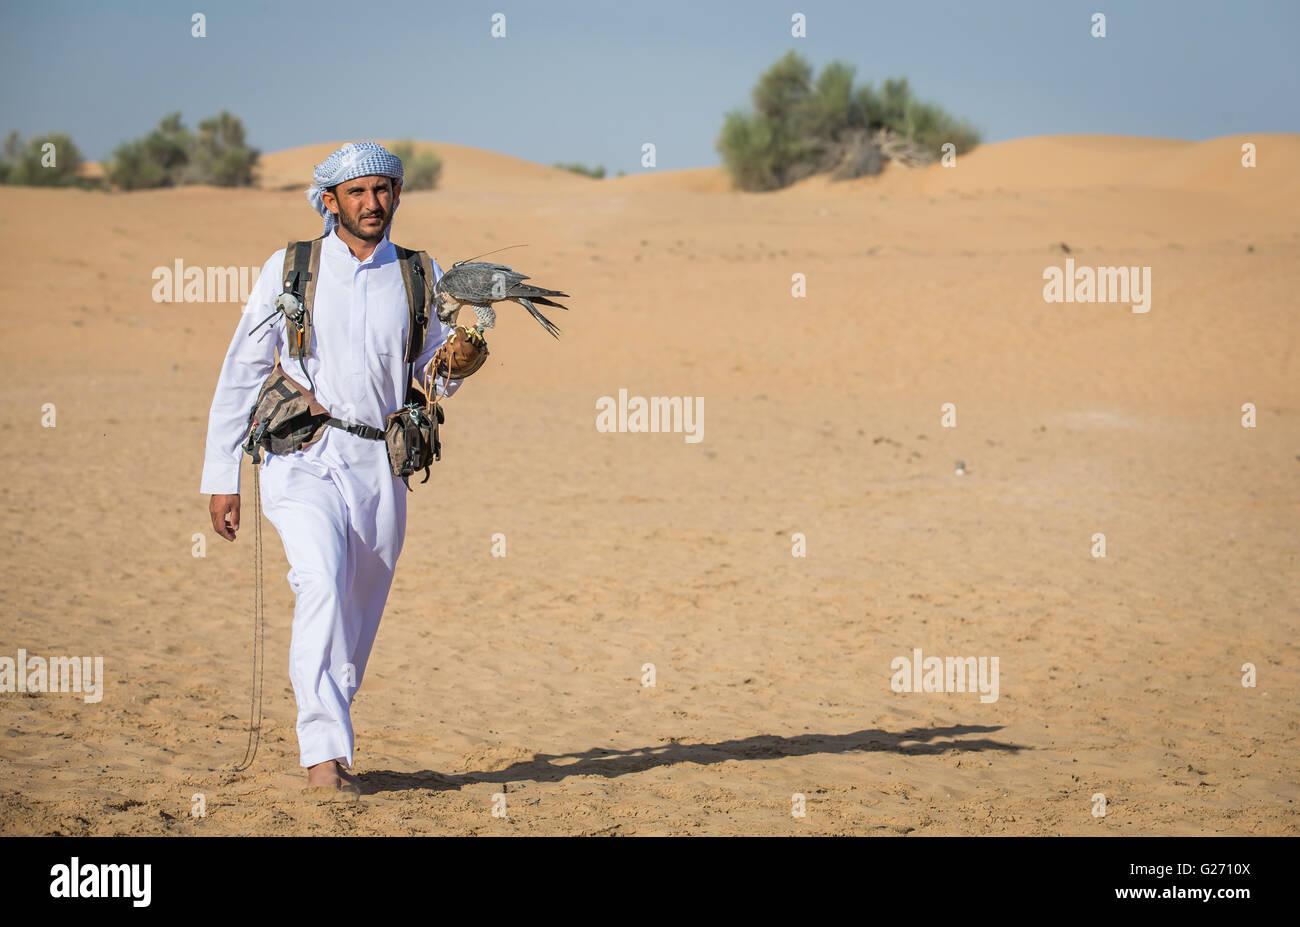 Hombre caminando árabes en un desierto cerca de Dubai con el halcón peregrino en su mano Imagen De Stock